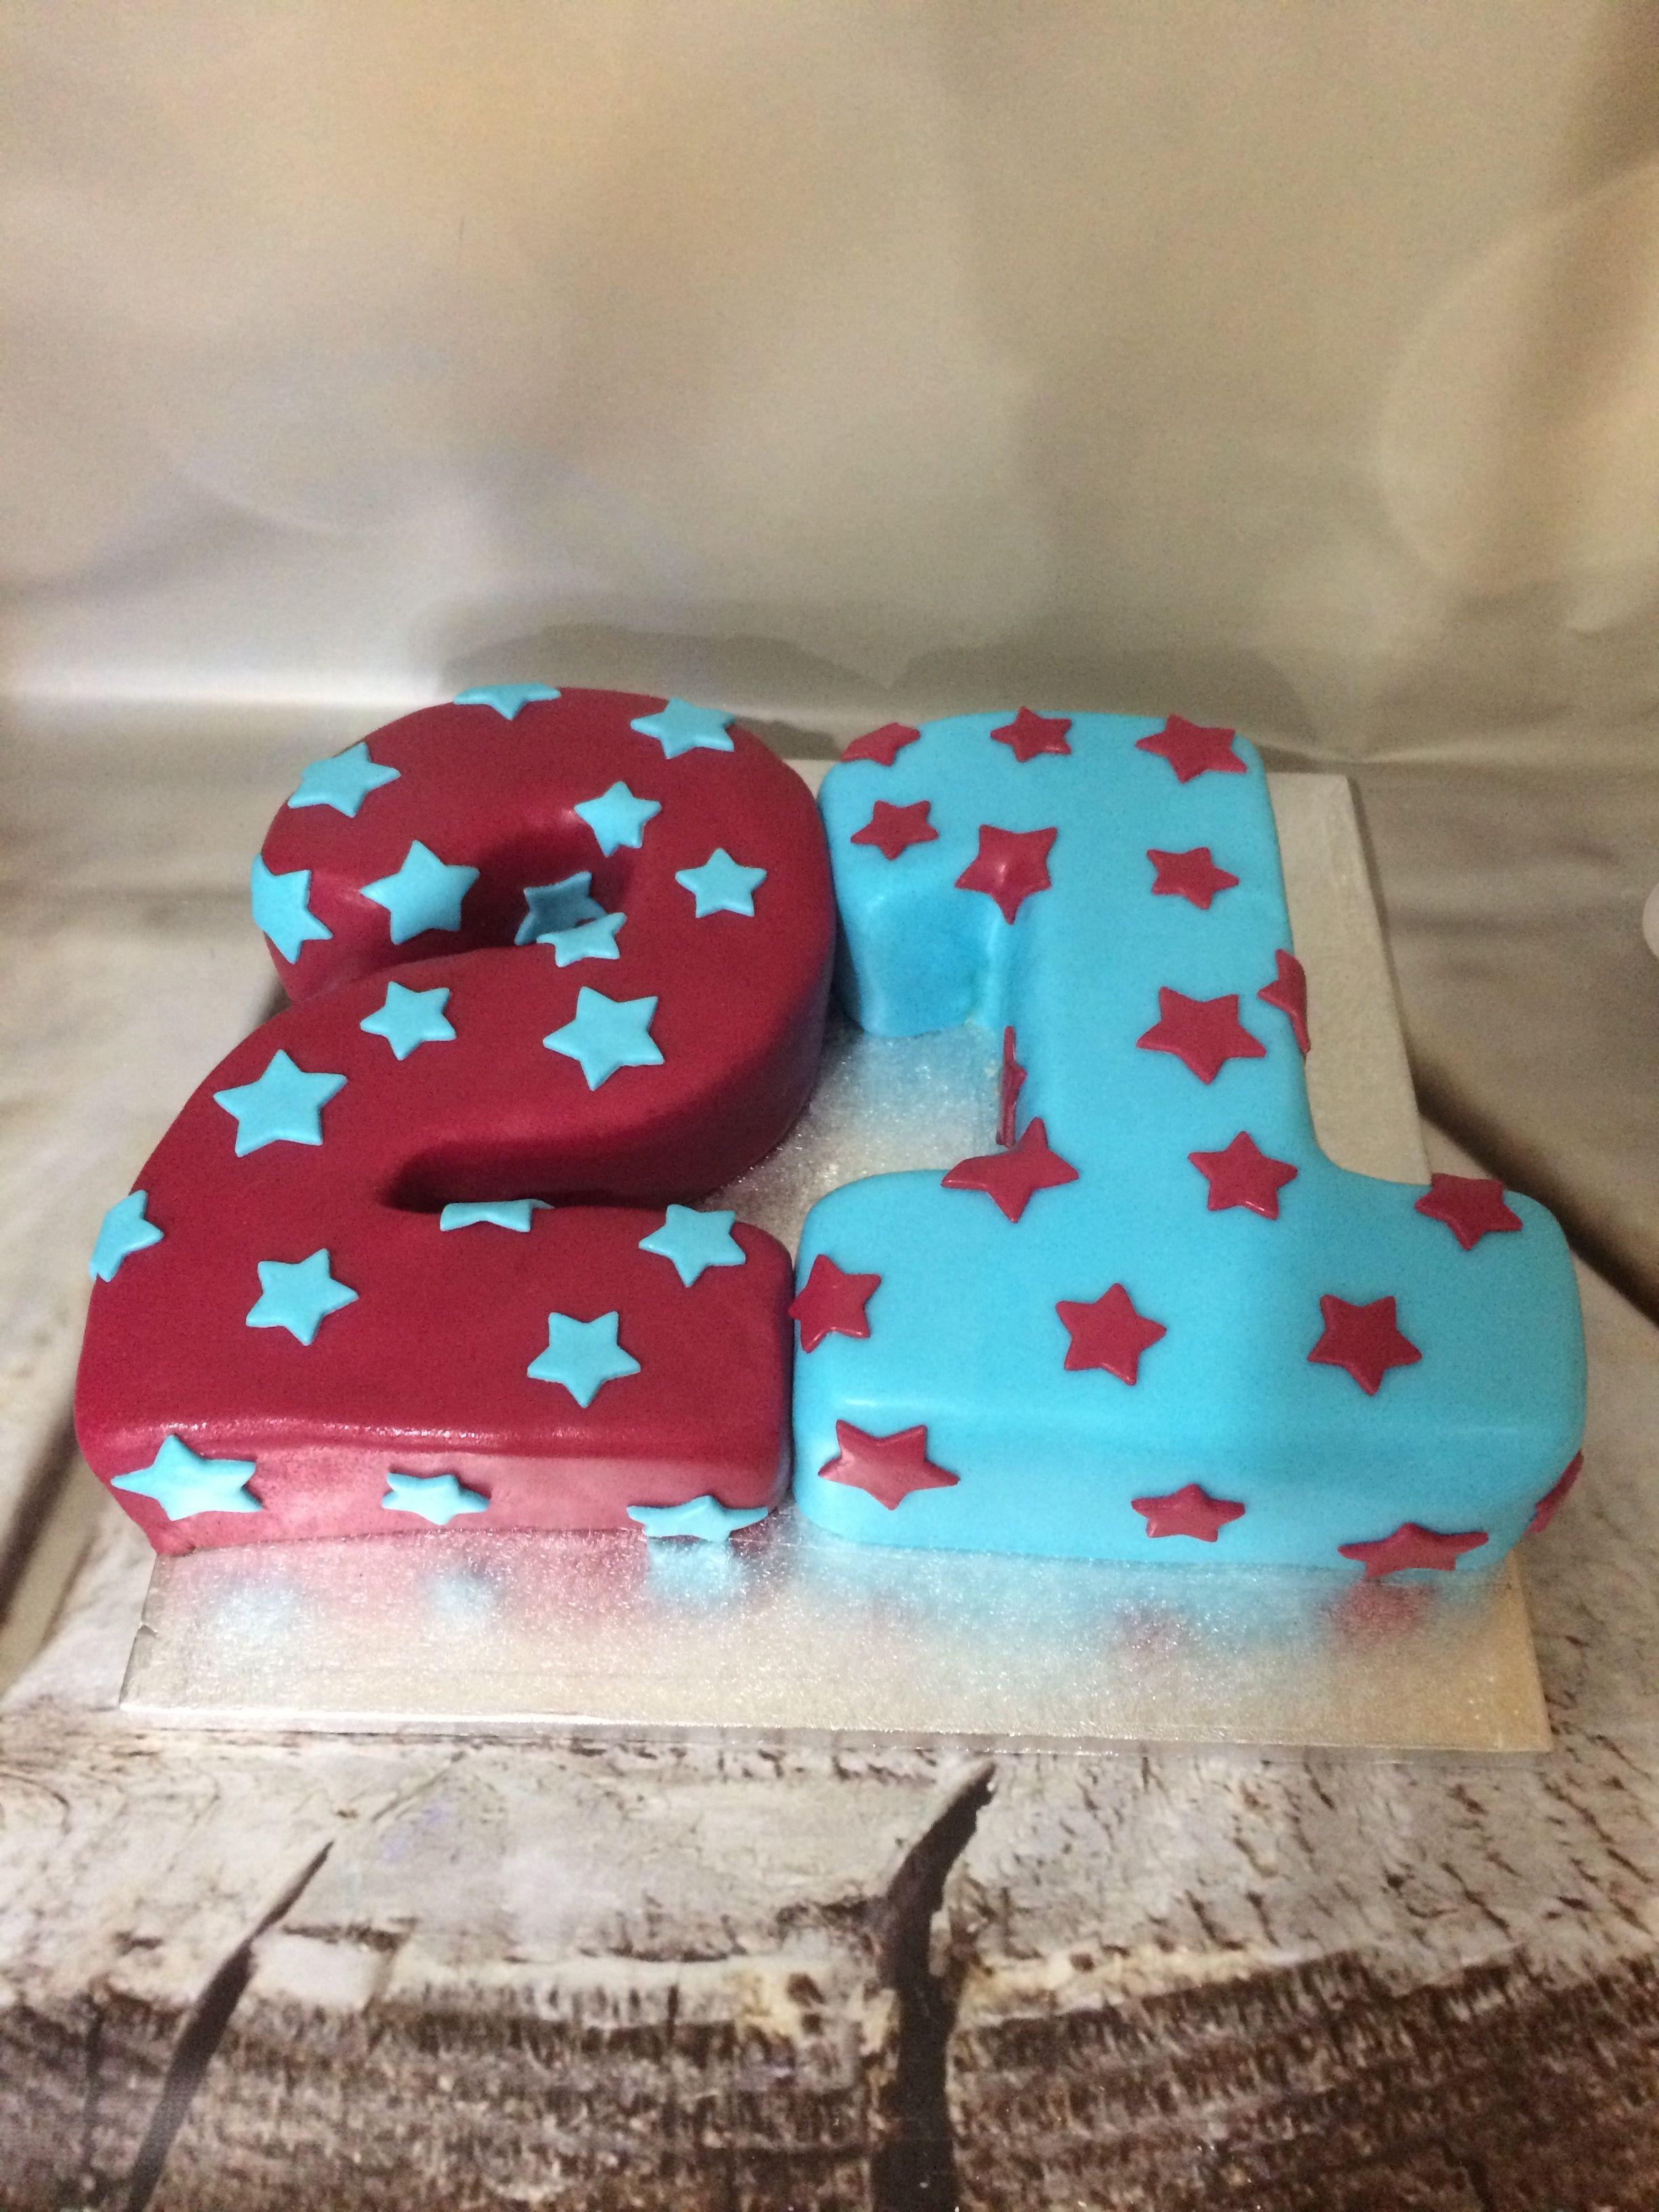 Aston Villa Cake Sugar Cookie Birthday Cake Cake